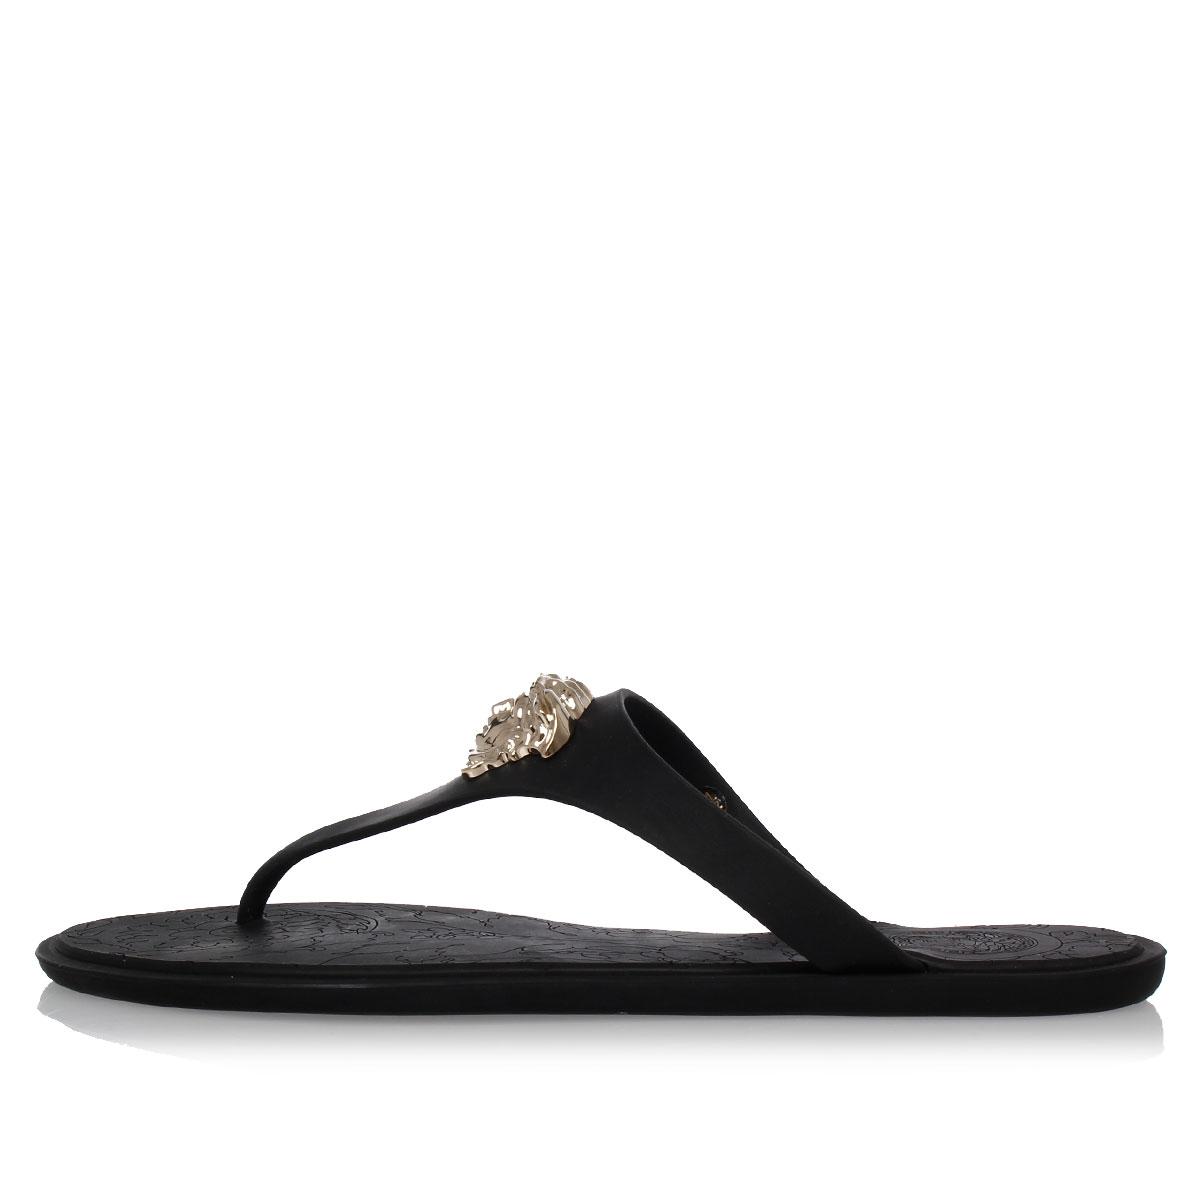 Versace Slippers Price Amazon